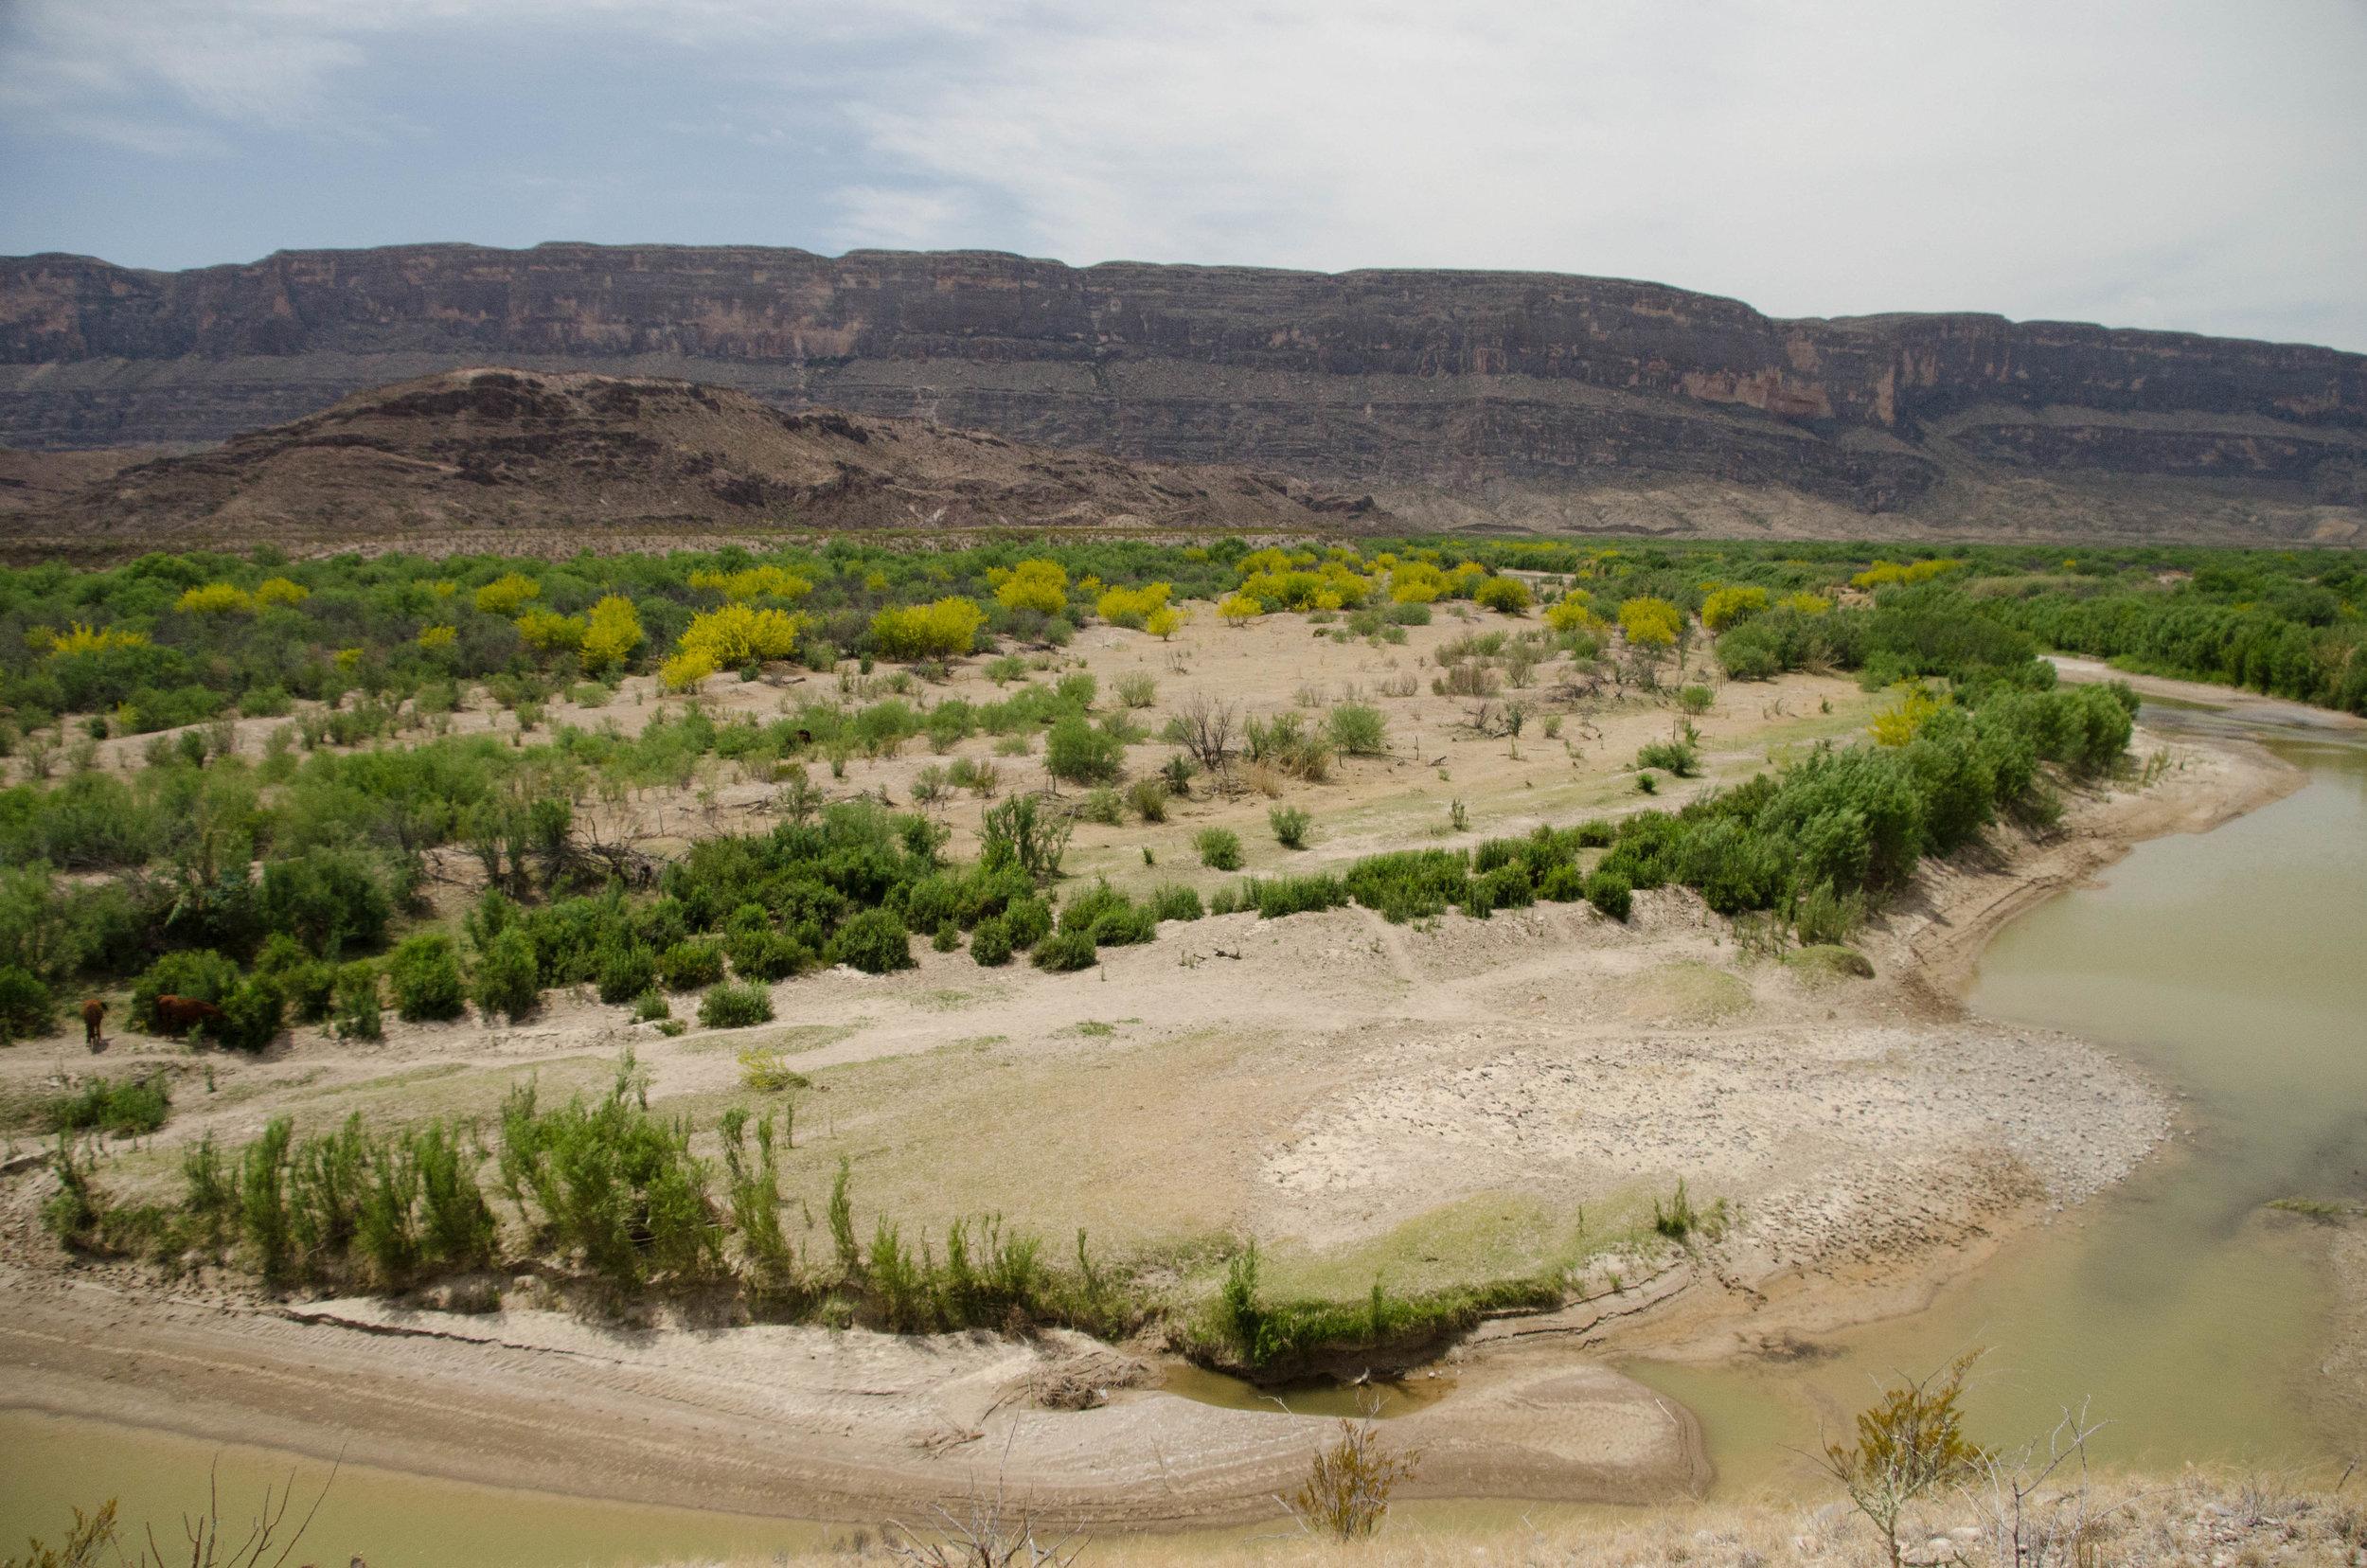 The Rio Grande River and Mexico